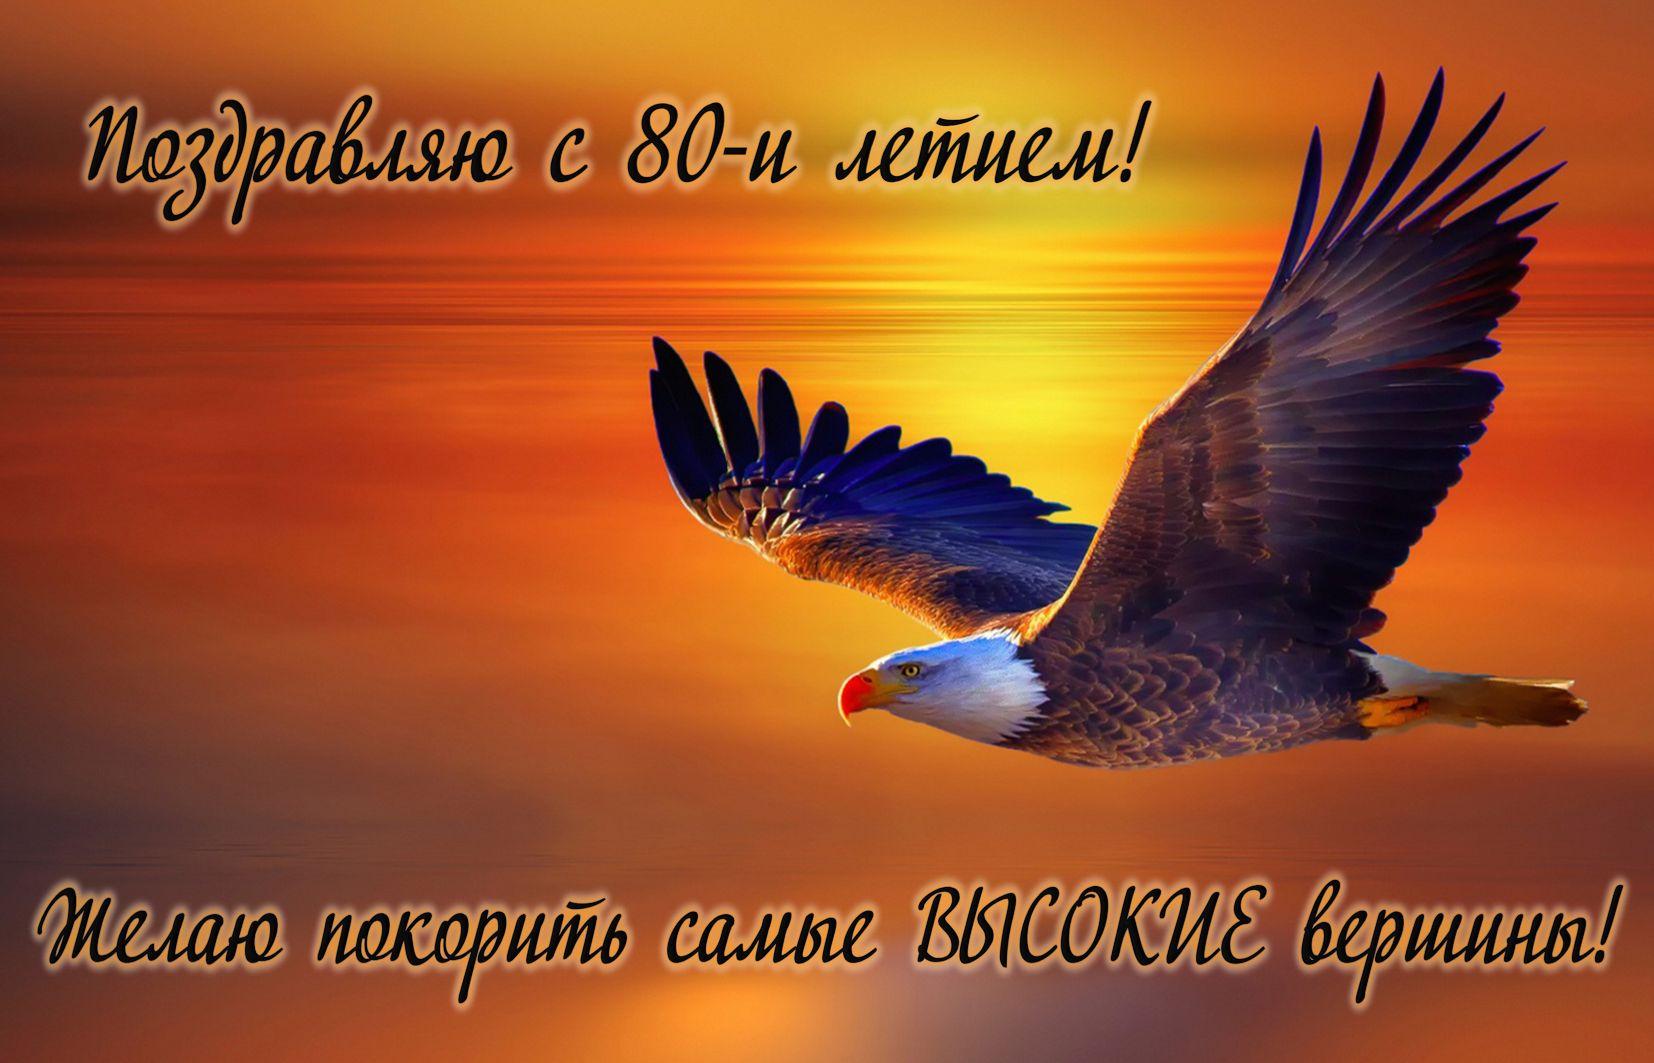 Открытка на юбилей 80 лет - орел парящий в оранжевом закатном небе